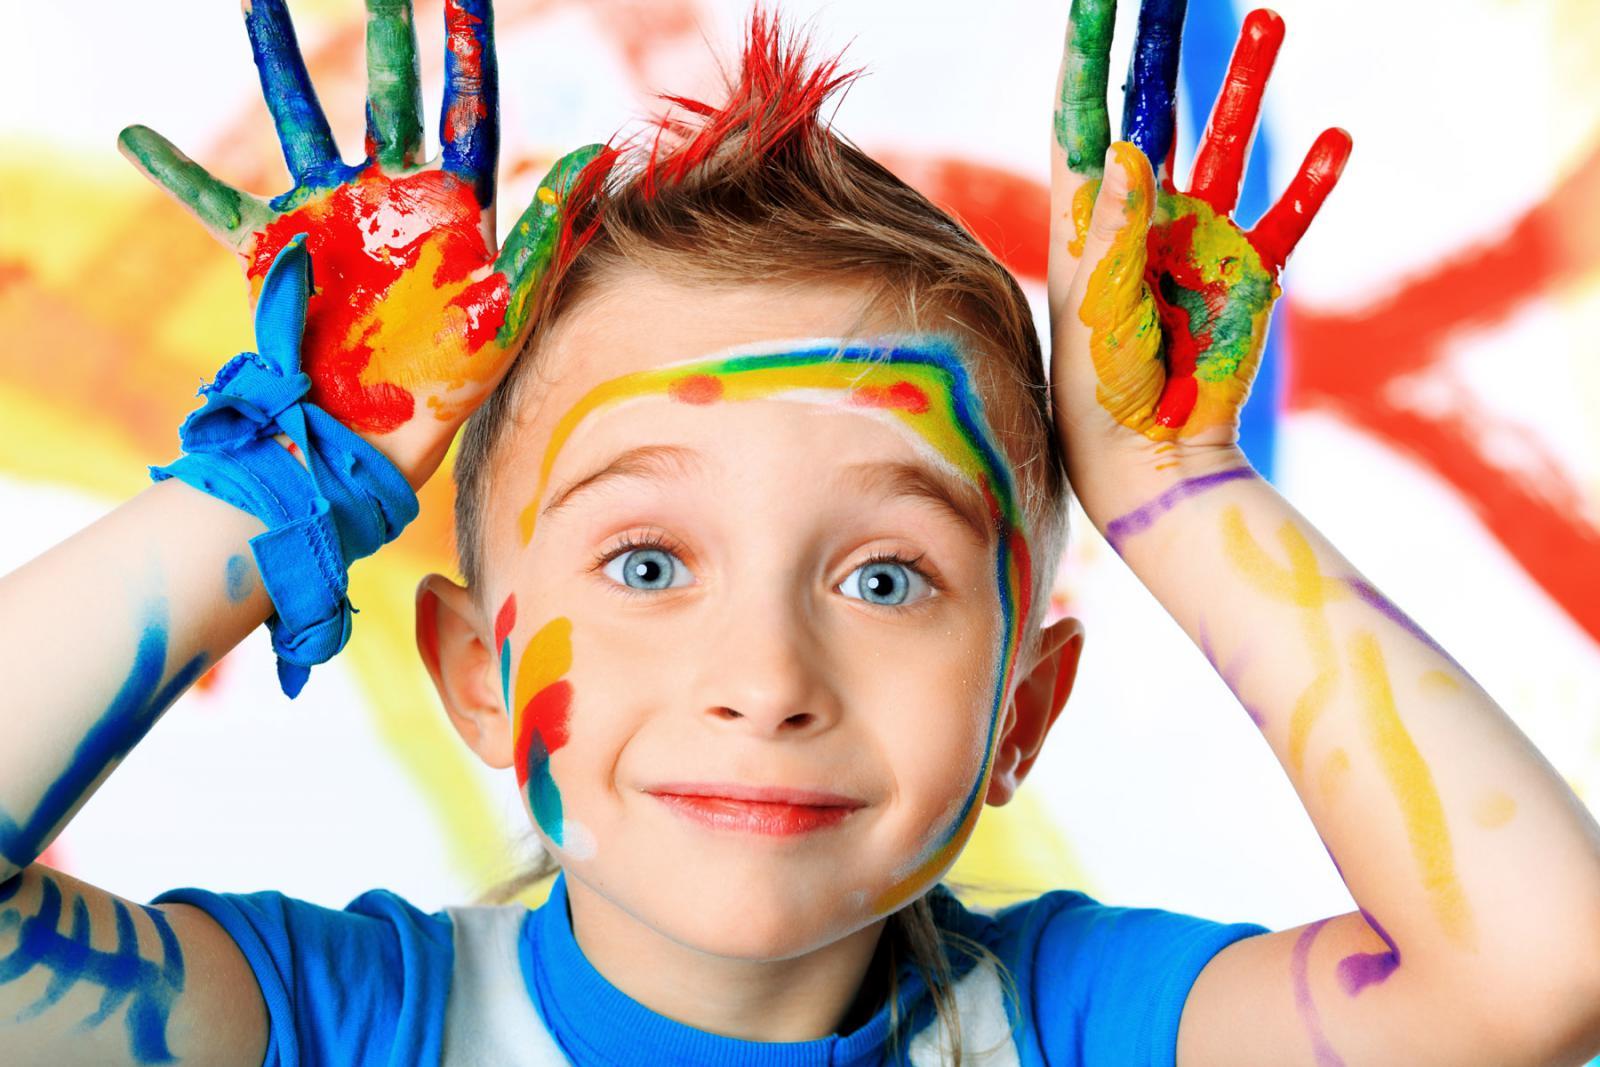 День творчества картинки для детей